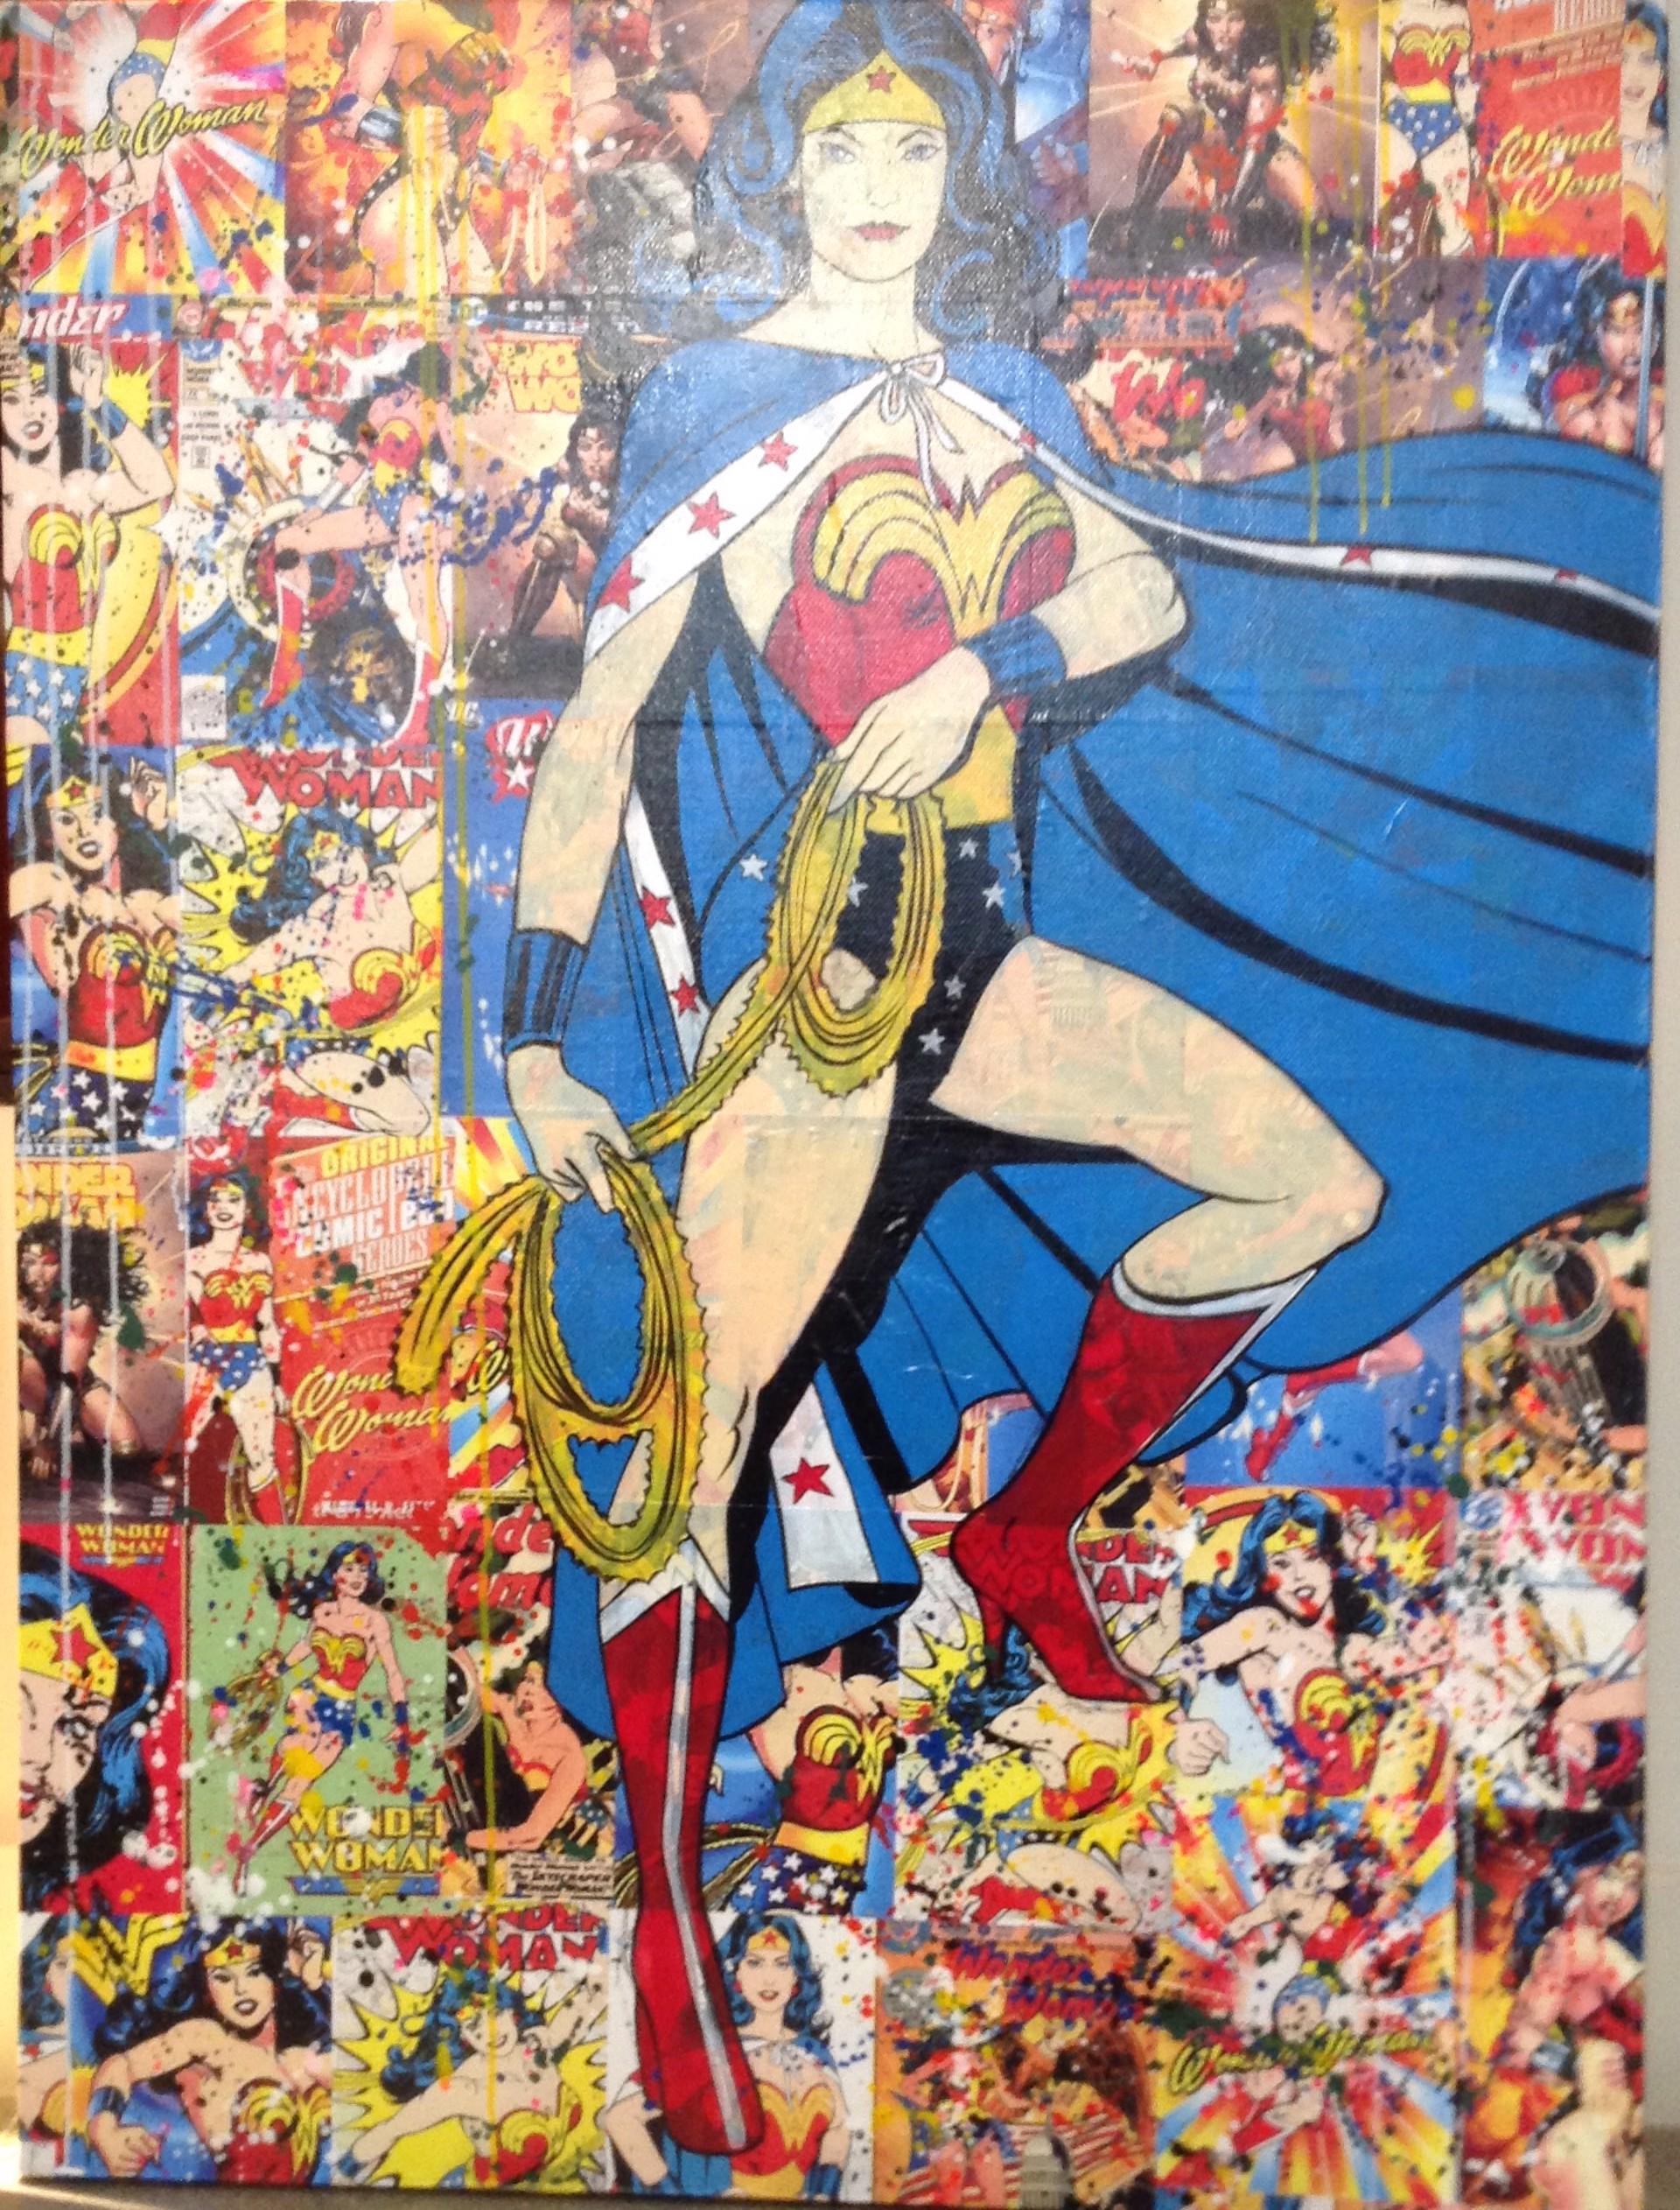 Wonder woman by Buma Project